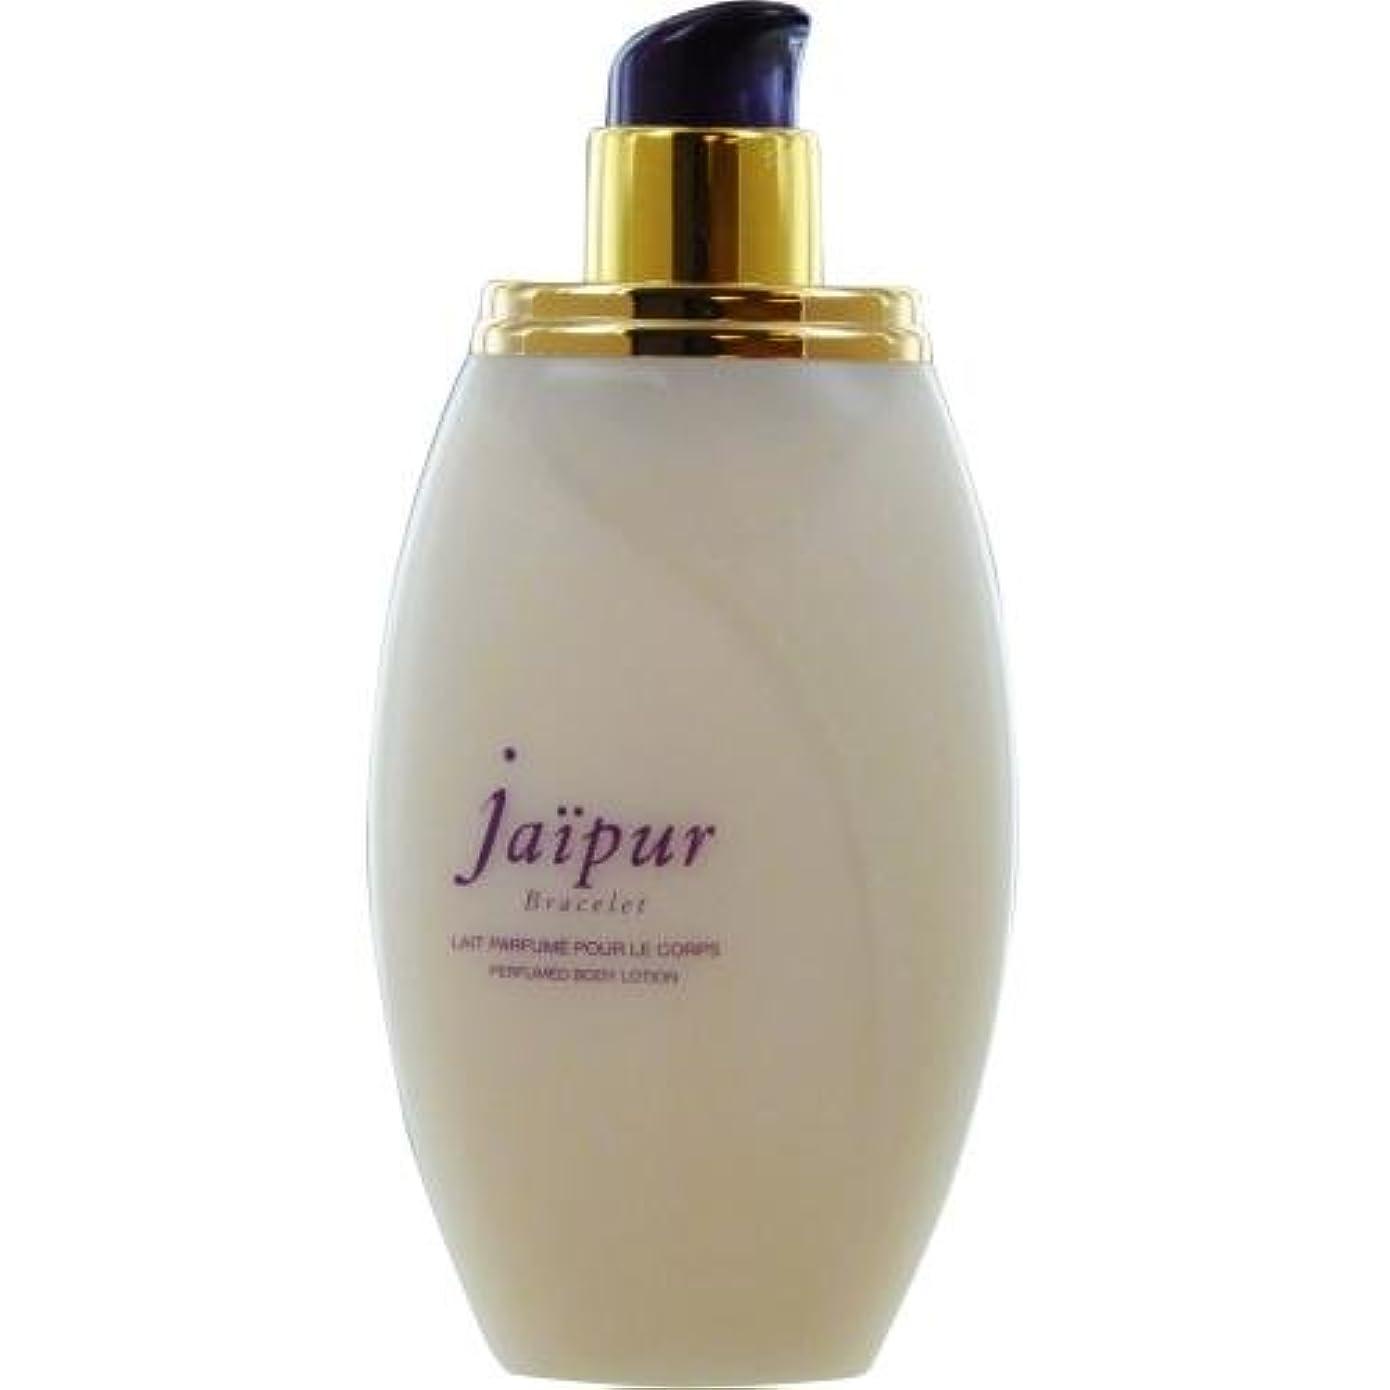 プレミアムタップ有利Jaipur Bracelet Perfumed Body Lotion